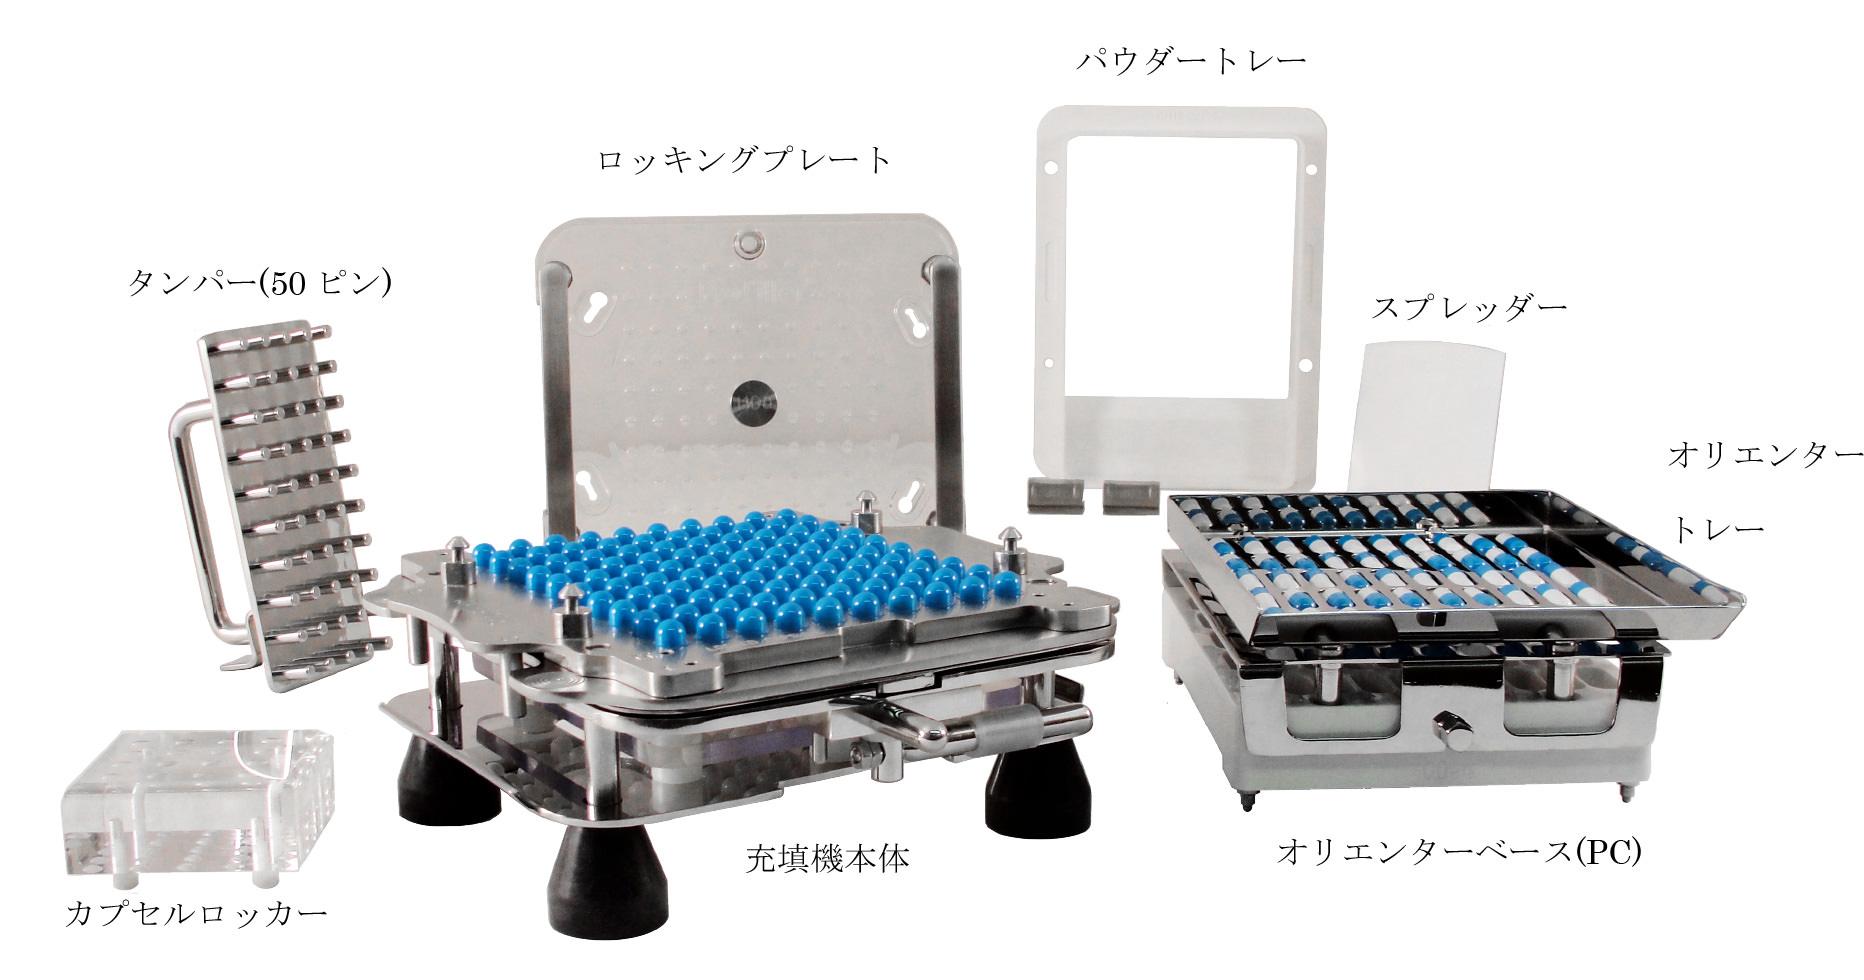 卓上型ハードカプセル充填機 MODEL 100